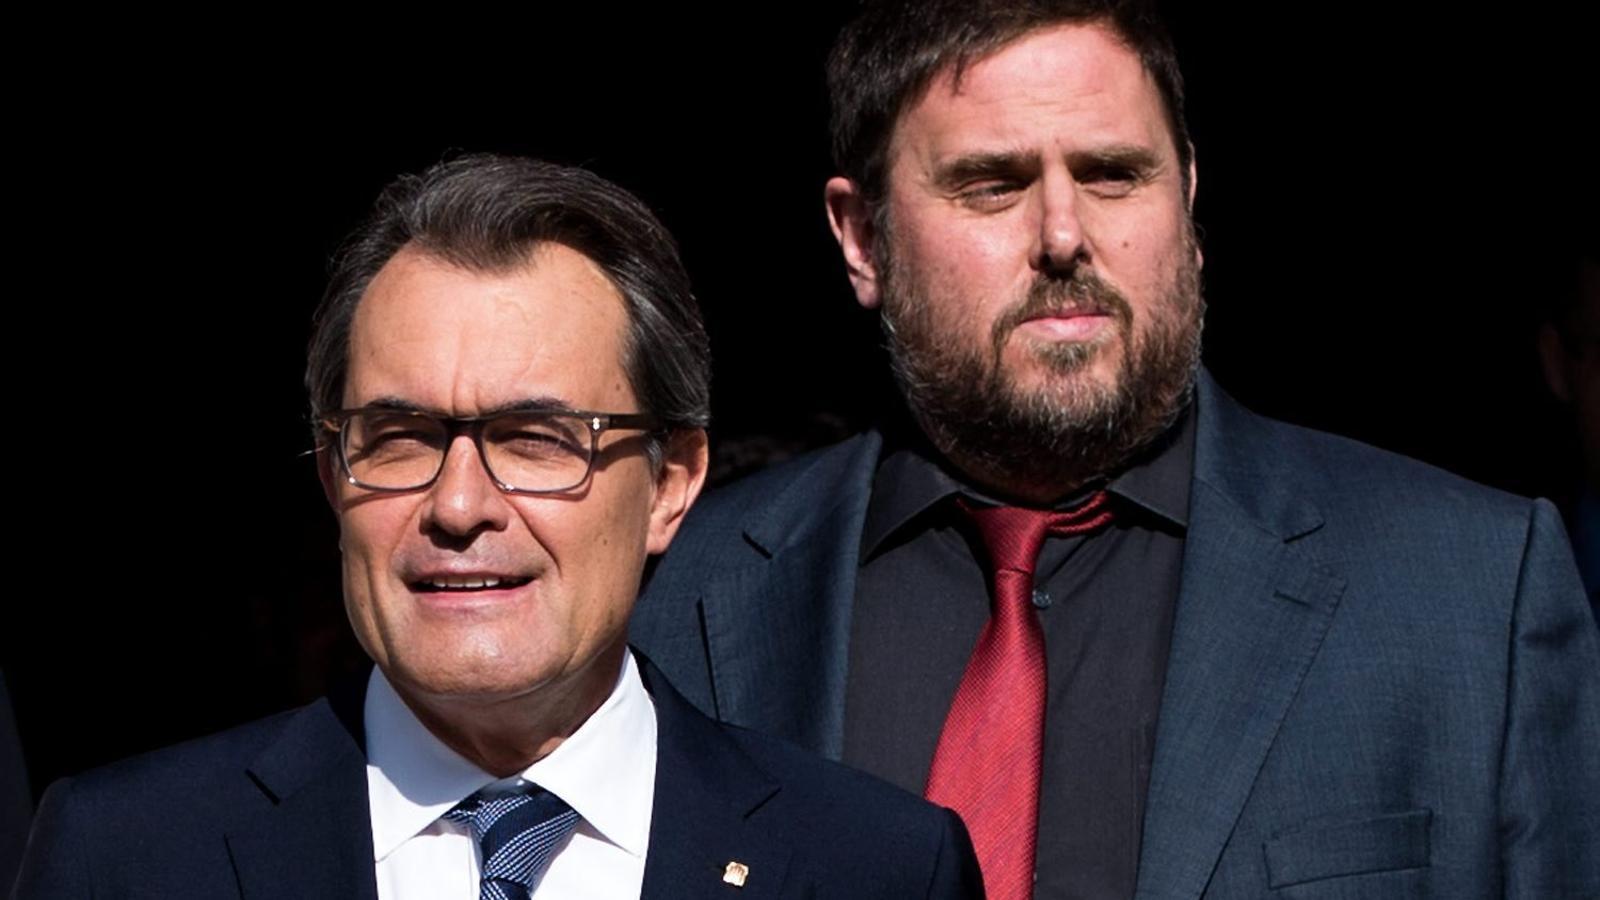 L'expresident de la Generalitat Artur Mas i l'actual vicepresident del Govern, Oriol Junqueras.